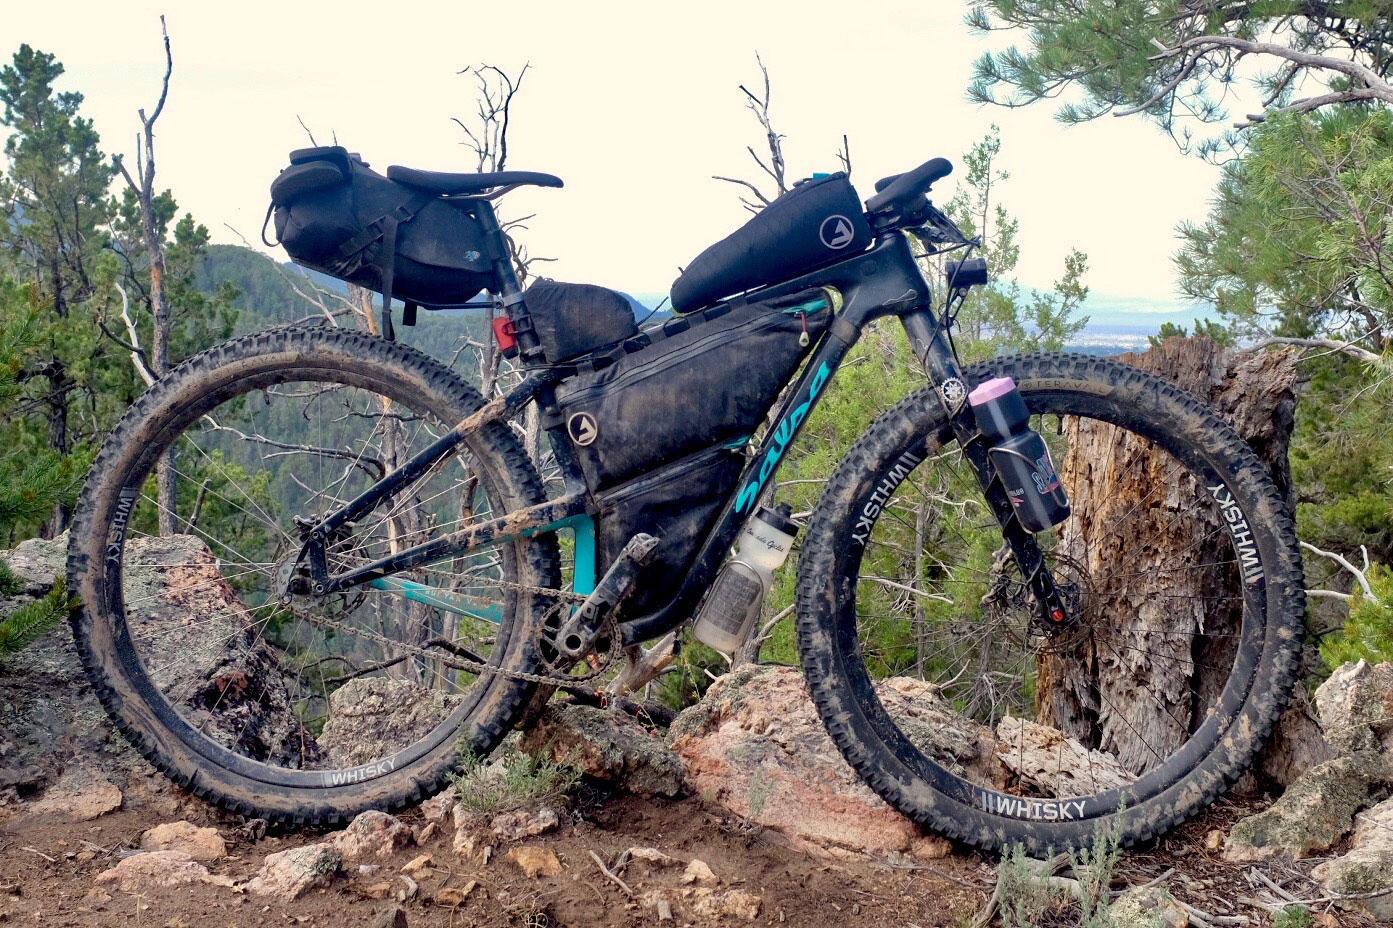 2019-Colorado-Trail-Rigs-Bailey-Newbrey.jpg